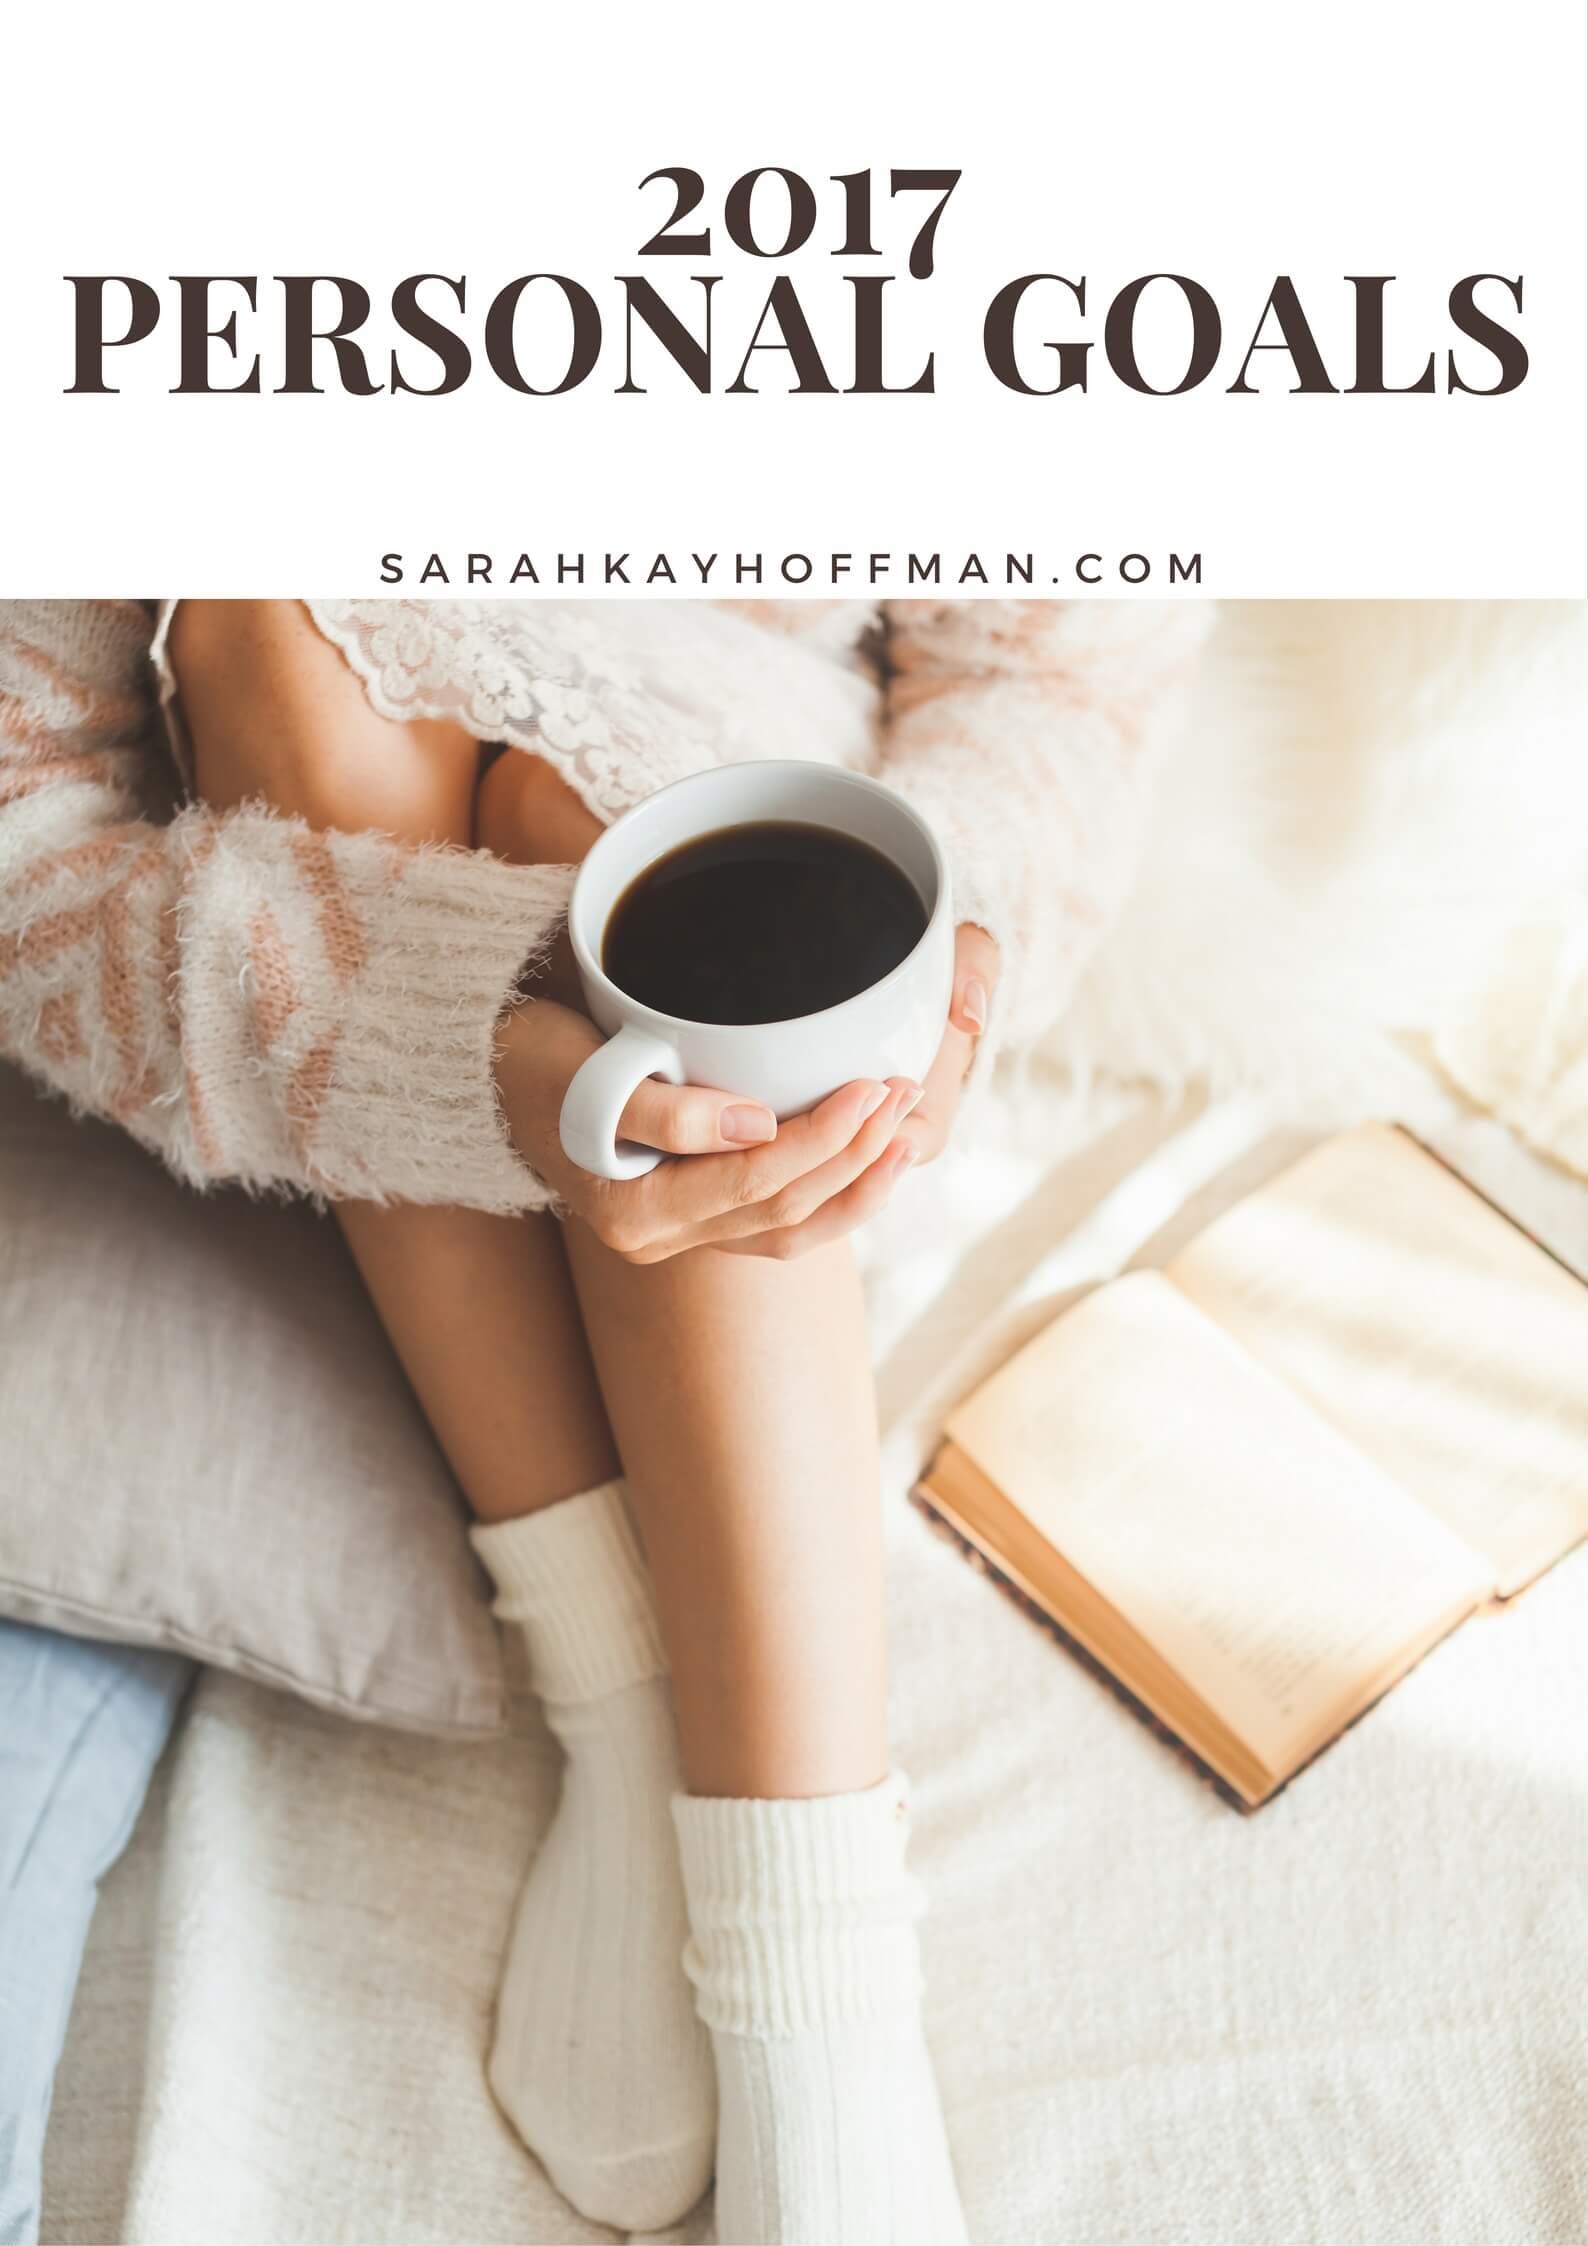 personal goals sarah kay hoffman 2017 personal goals